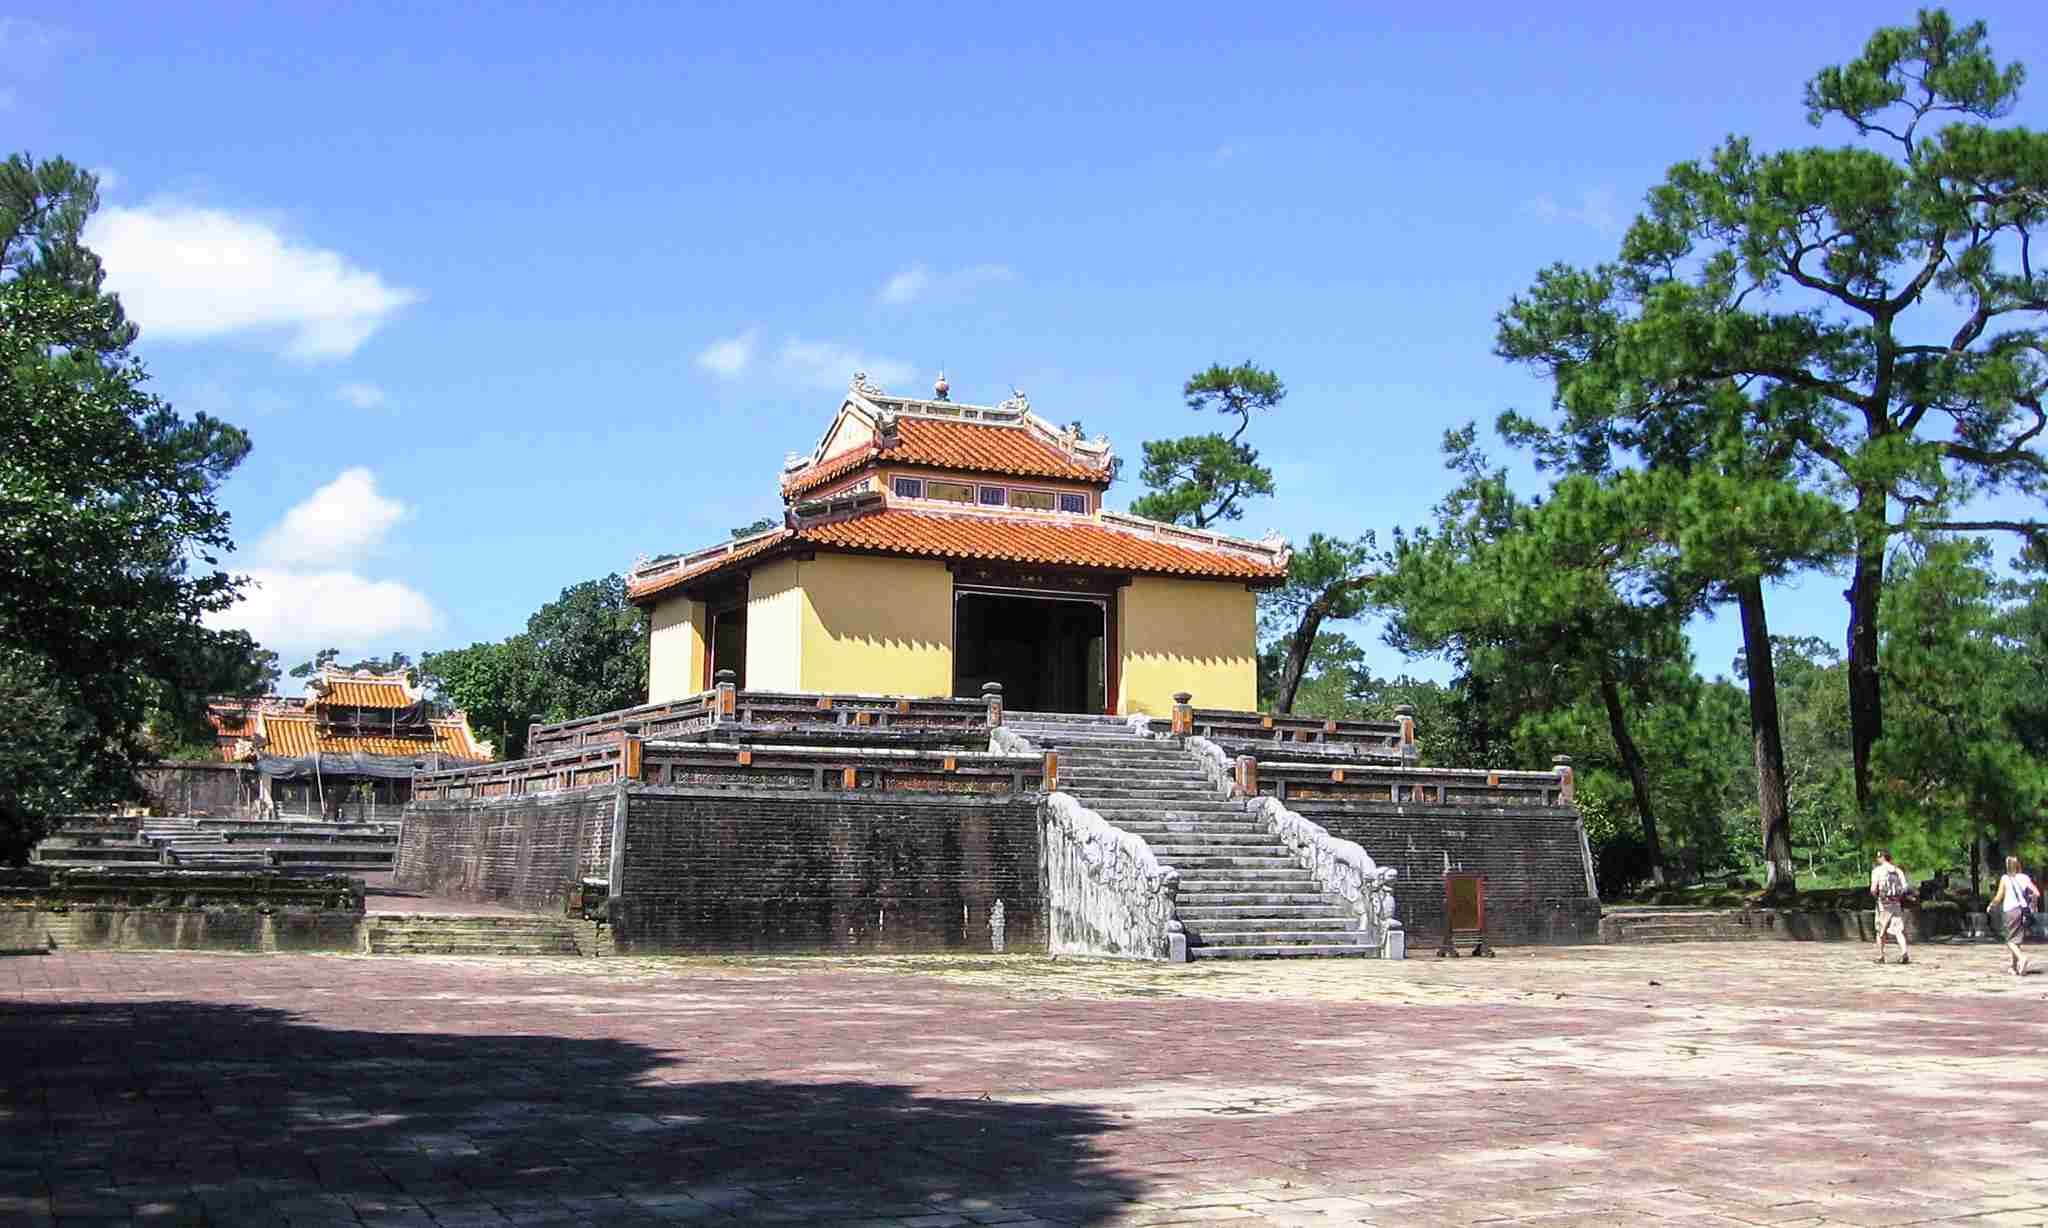 Stele Pavilion (Bi Dinh) in Minh Mang's Royal Tomb